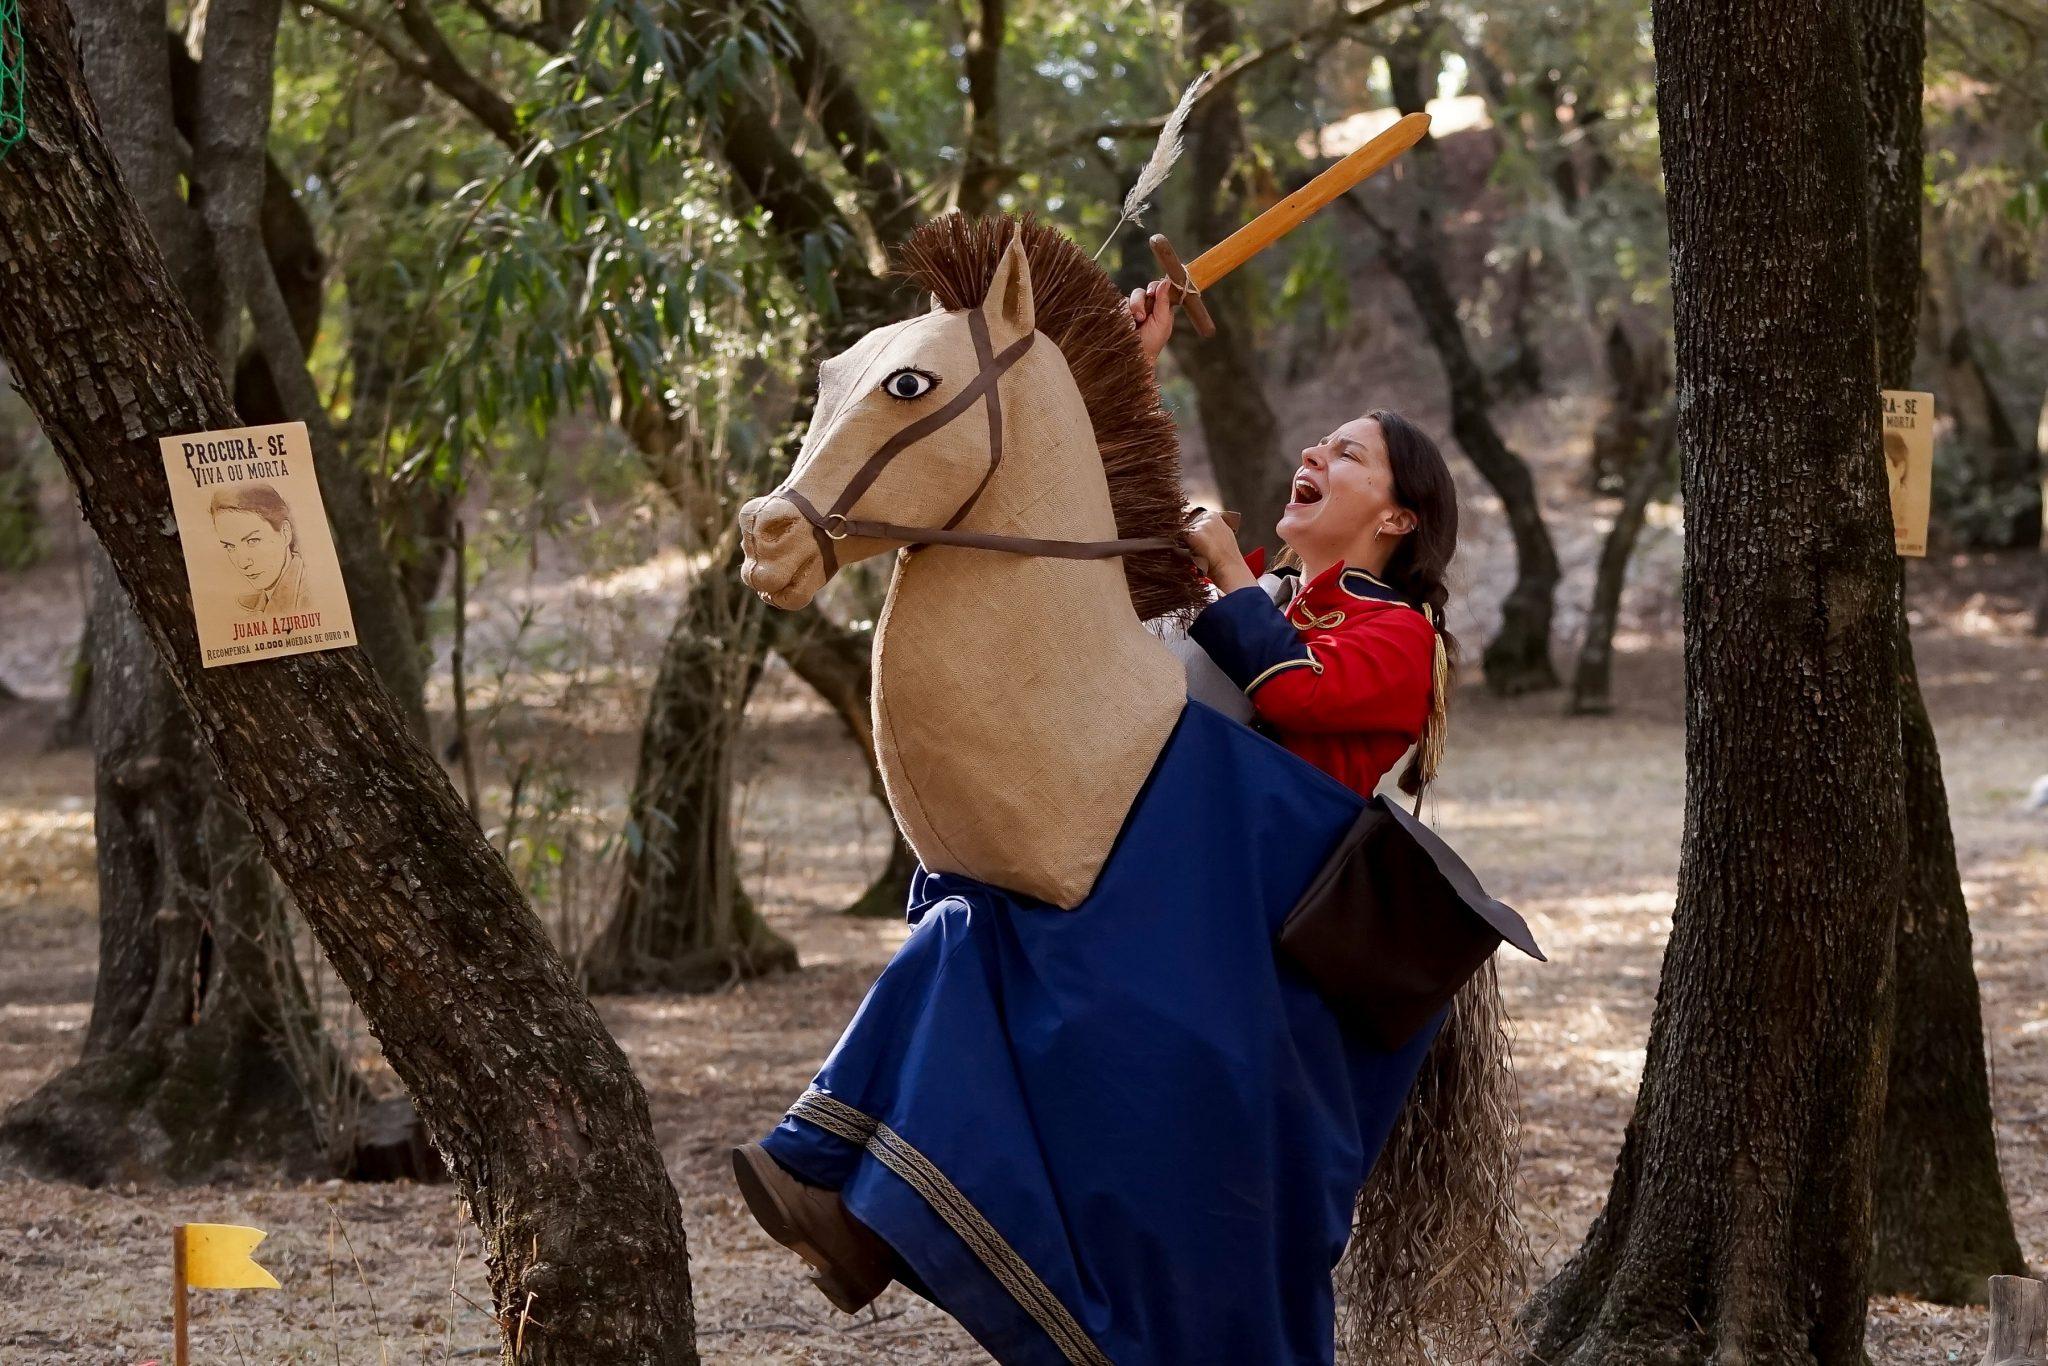 Mulher de frente para o observador, com casaco militar e espada de madeira, num cavalo feito com uma estrutura de pano